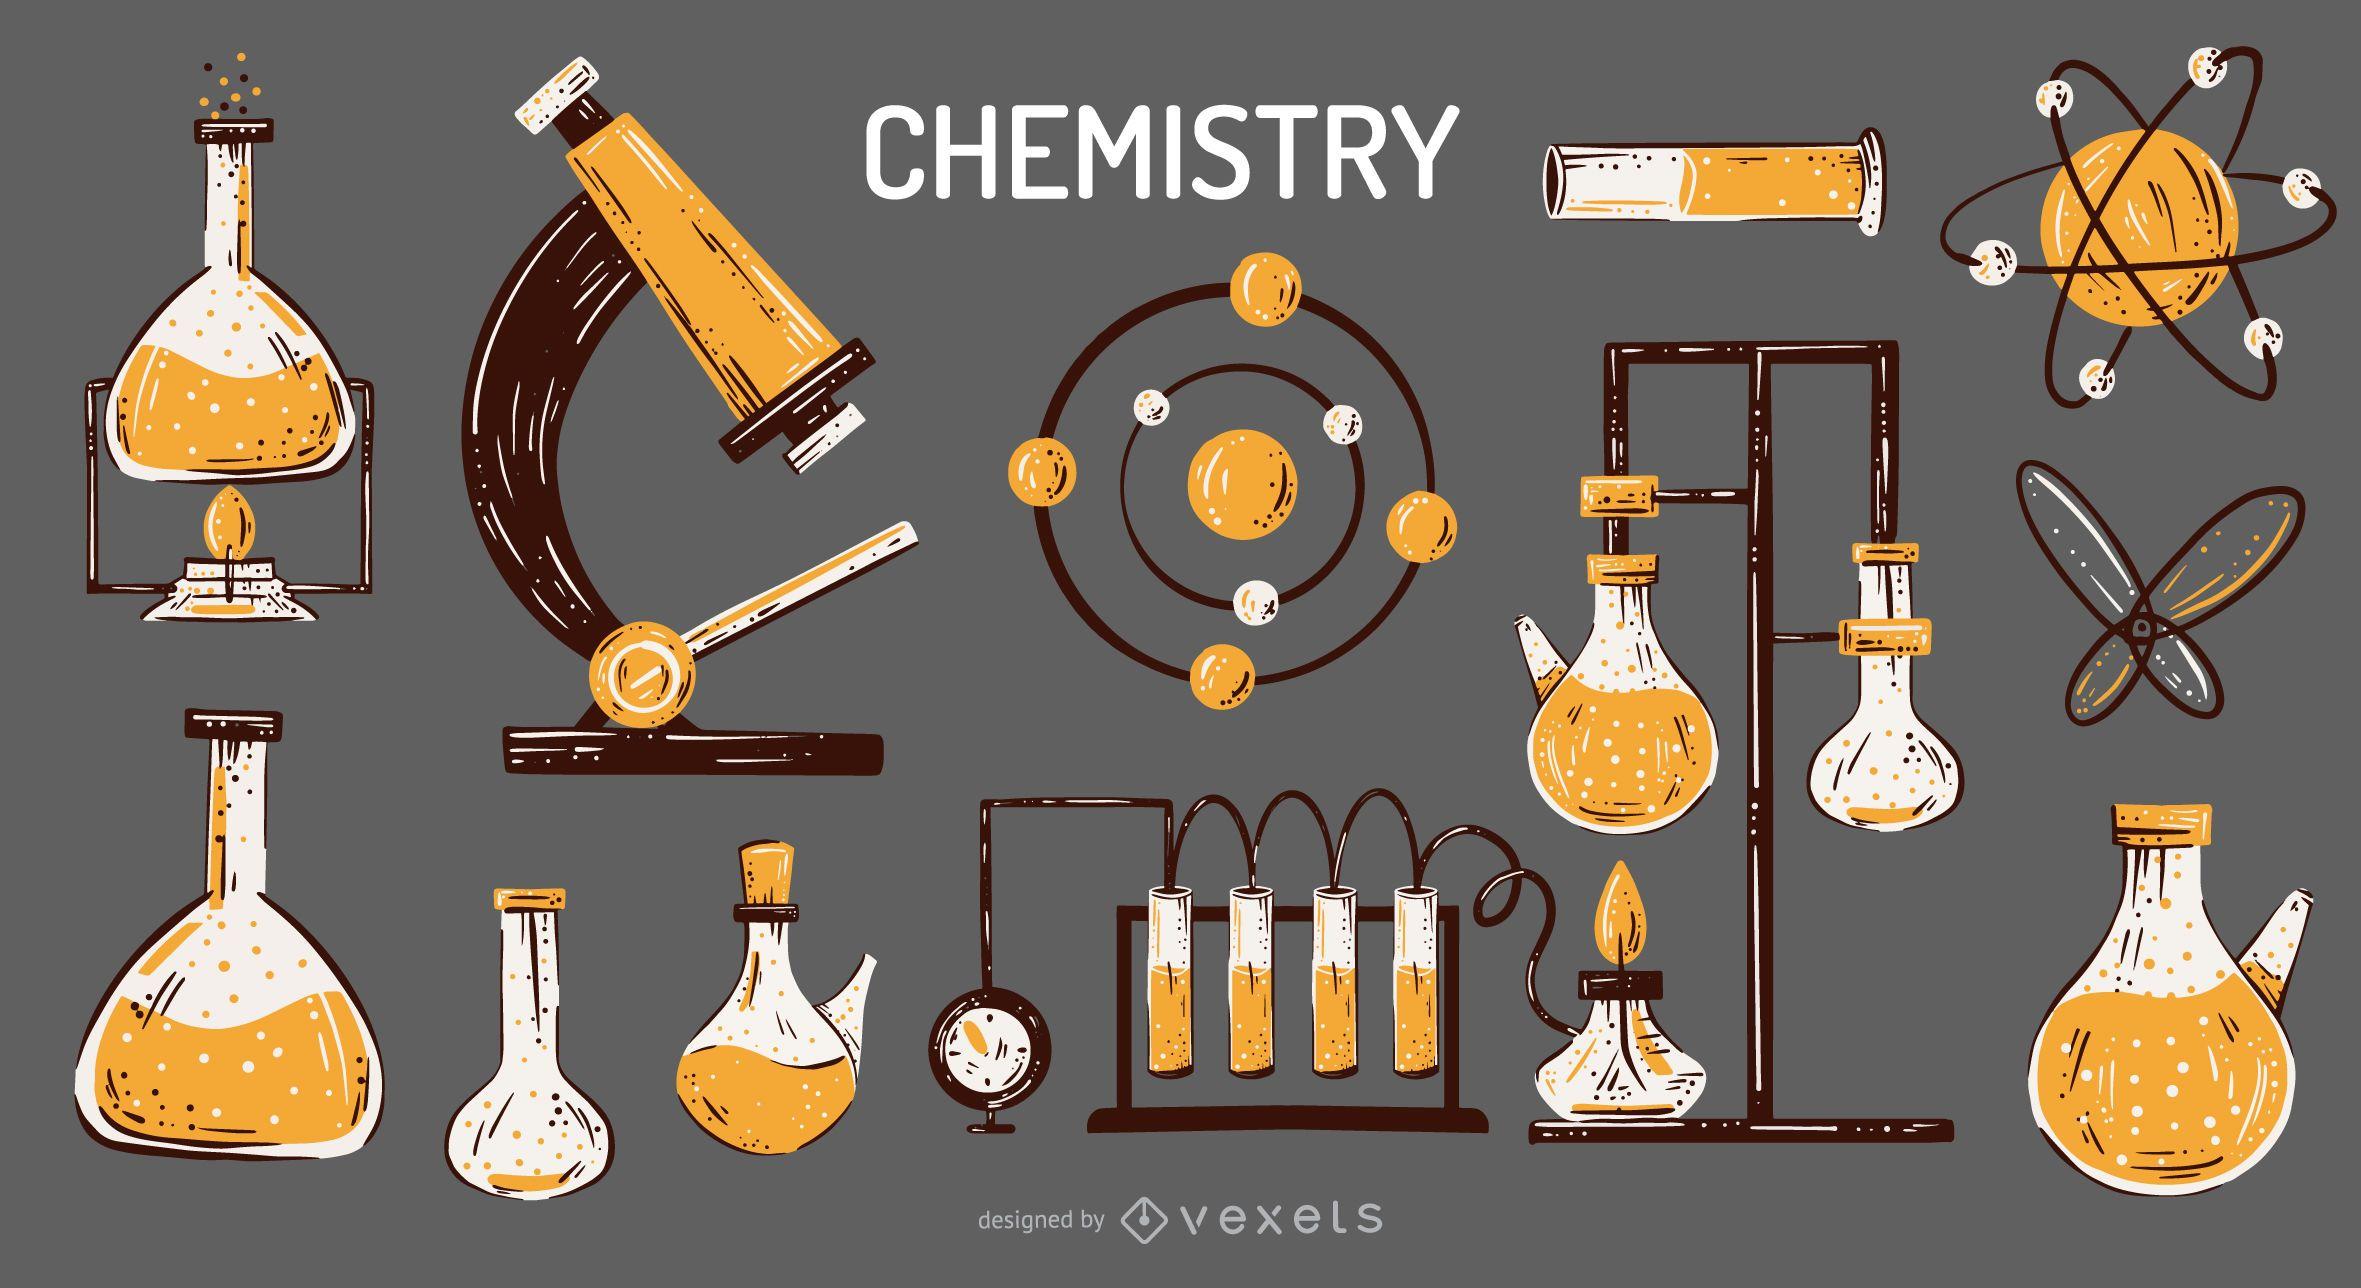 Conjunto de ilustraci?n de elementos de qu?mica